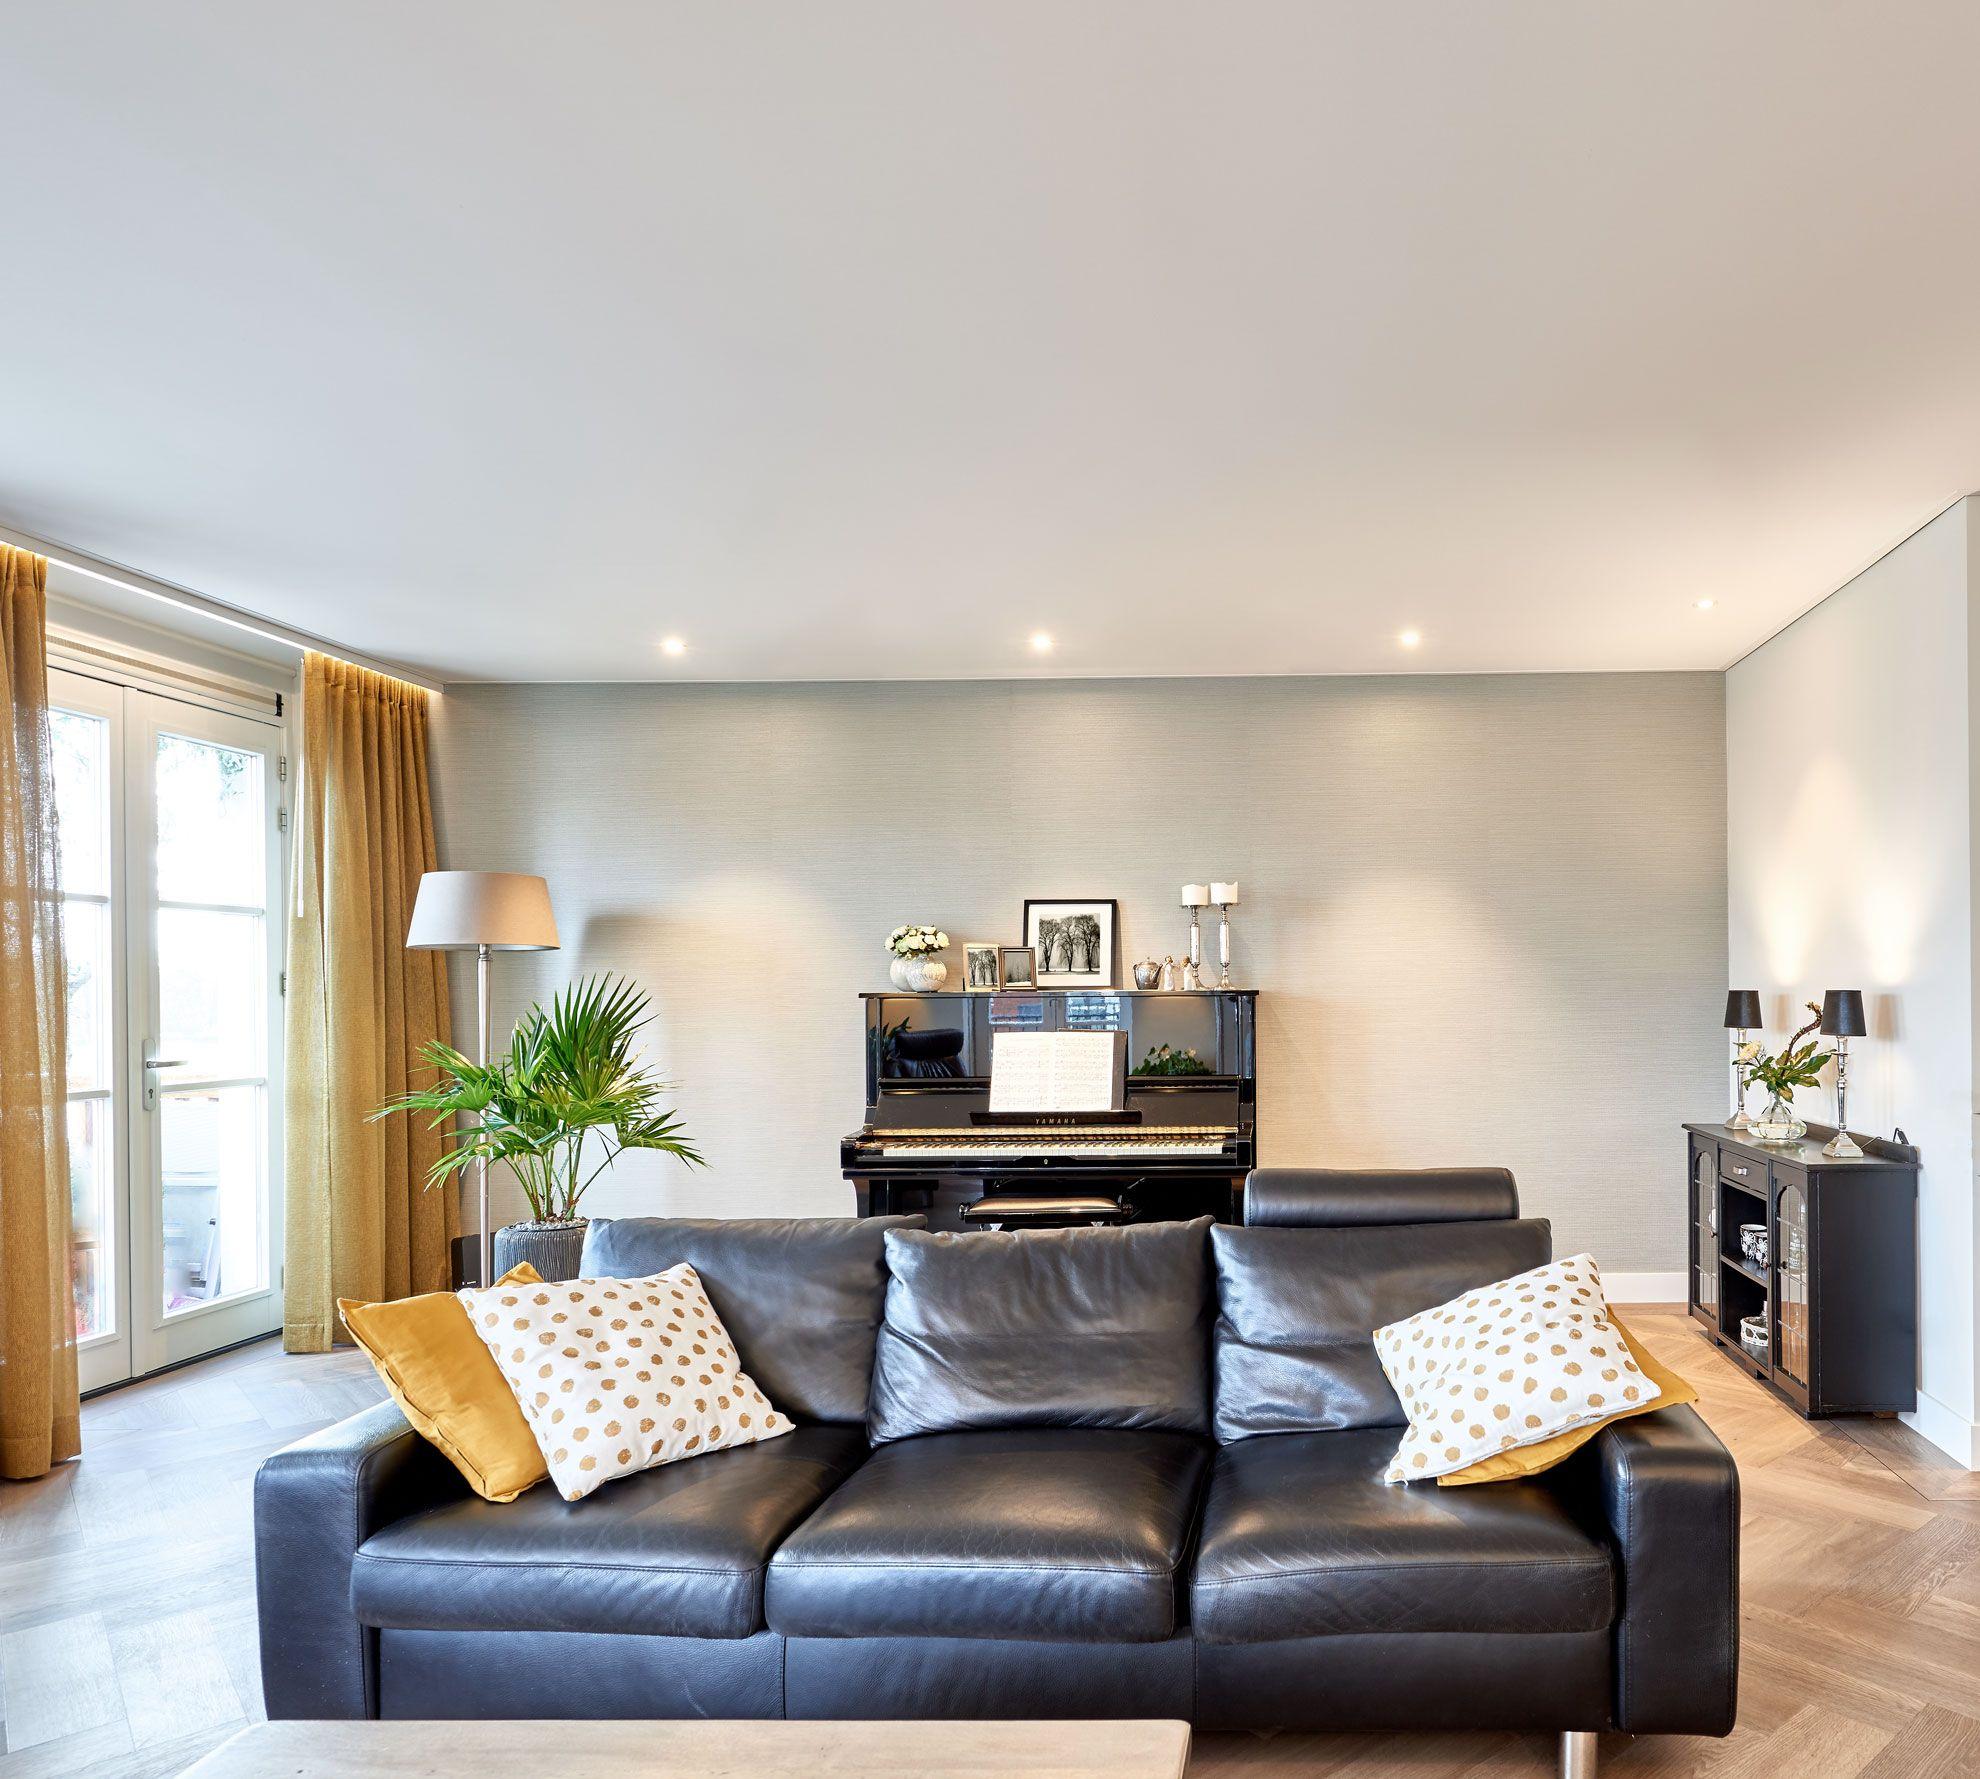 Wohnzimmerdecke Weiss Mit Strahlern Wohnzimmer Decken Decke